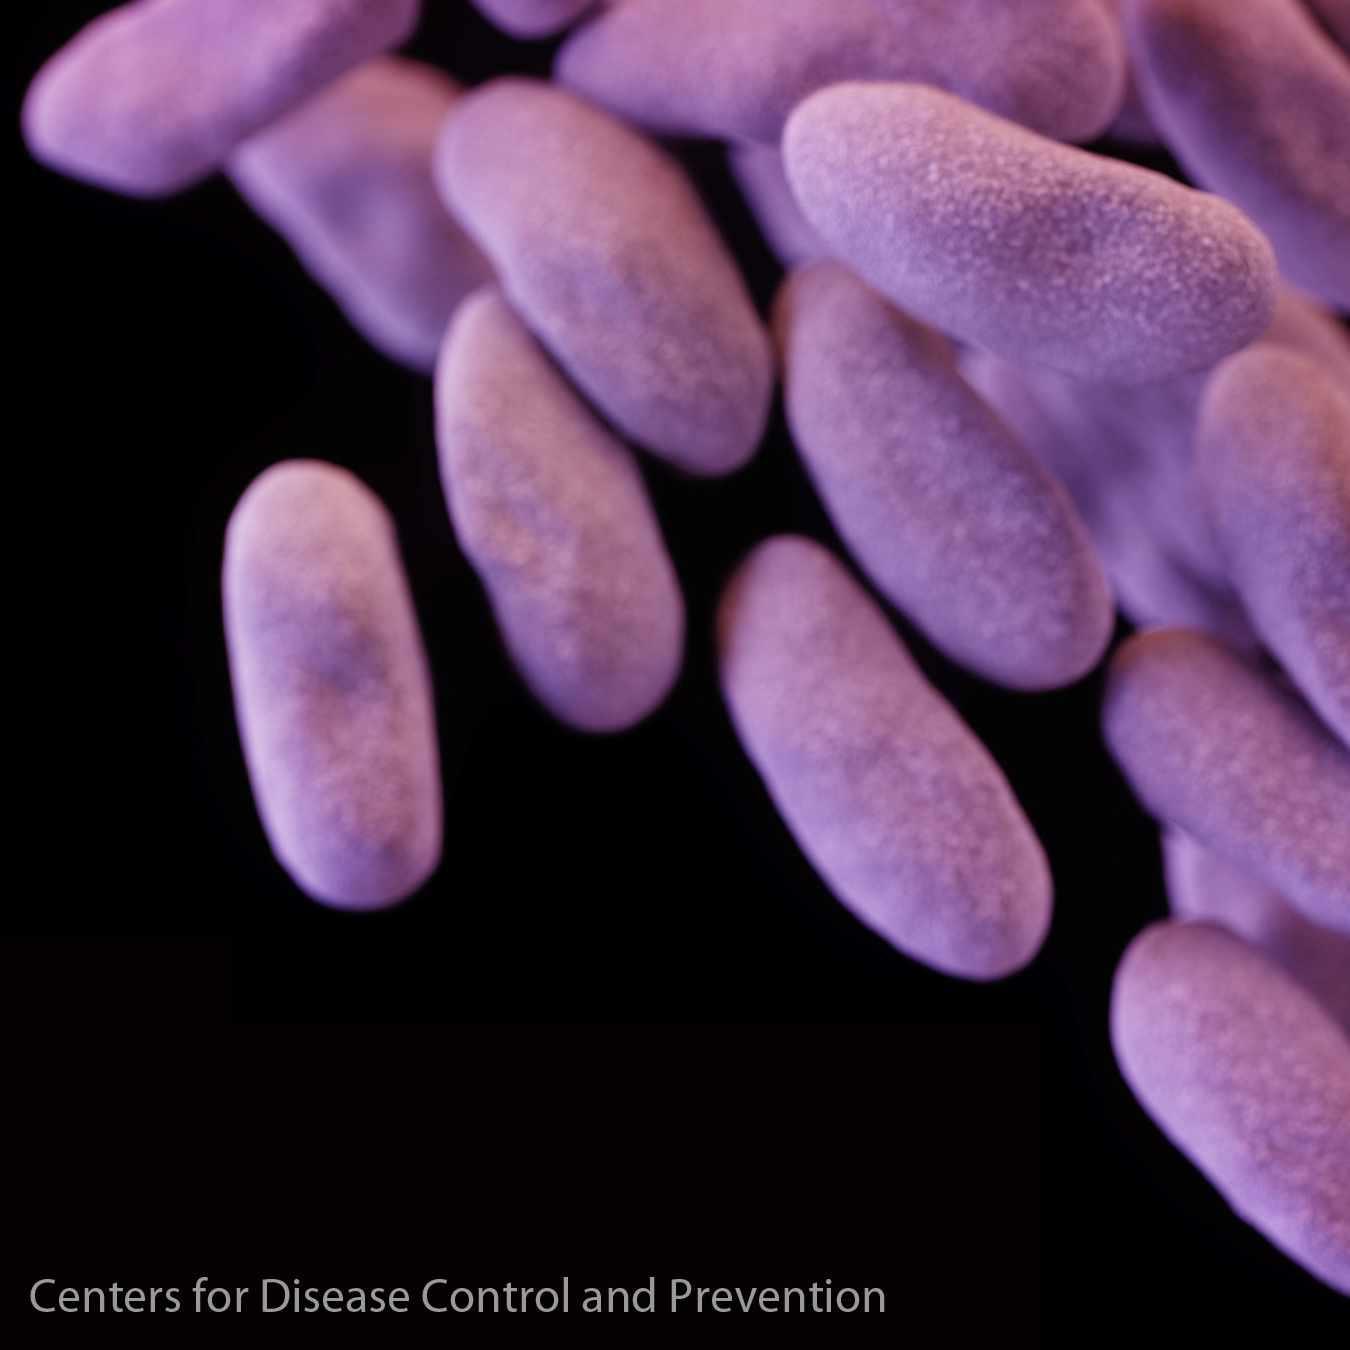 CRE, carbapenem-resistant Enterobacteriaceae 1 x 1